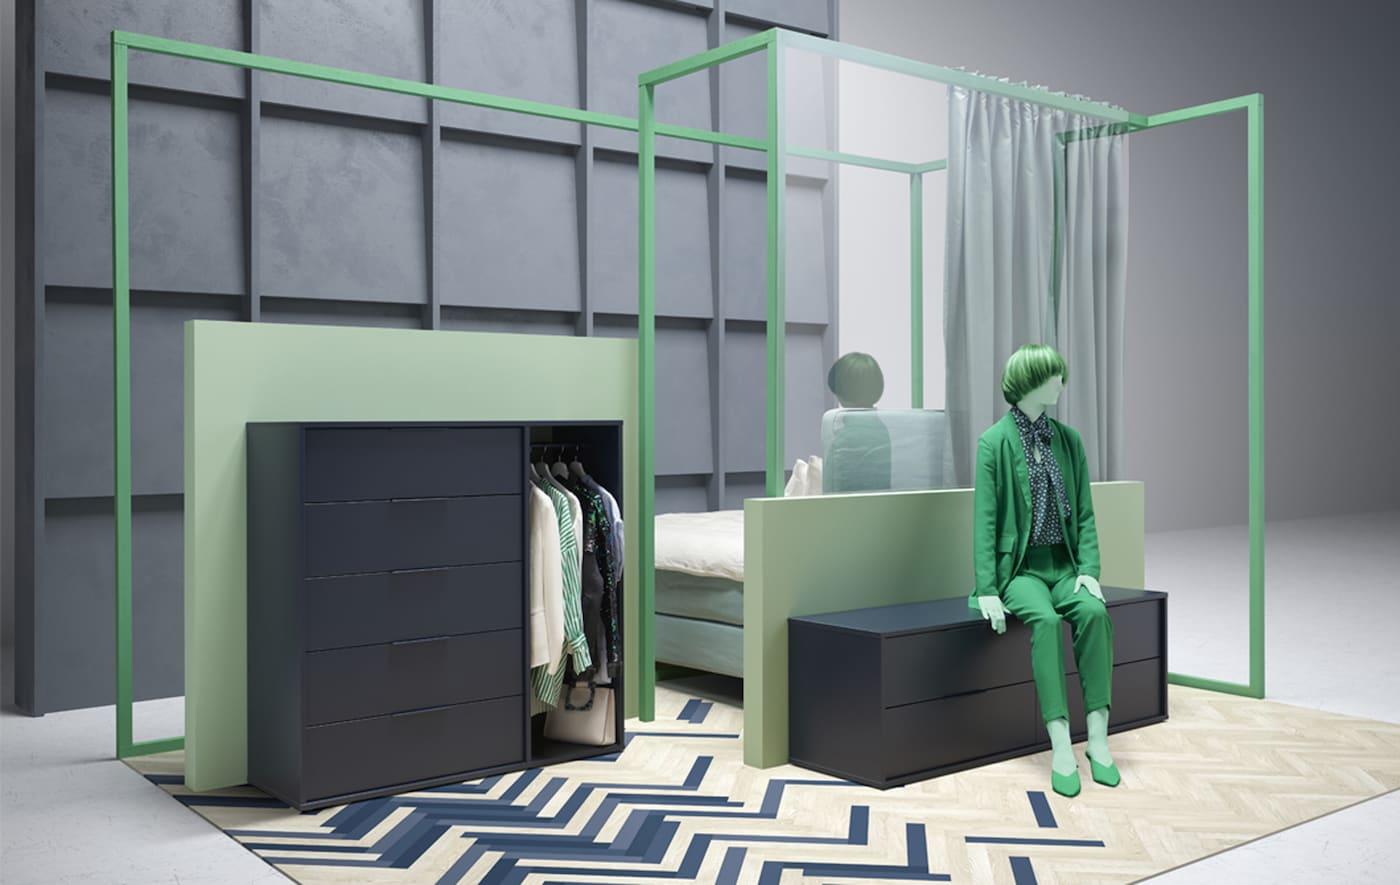 Un manichino vestito di verde seduto su una cassettiera bassa, vicino a una cassettiera più alta con cassetti e abiti appesi - IKEA